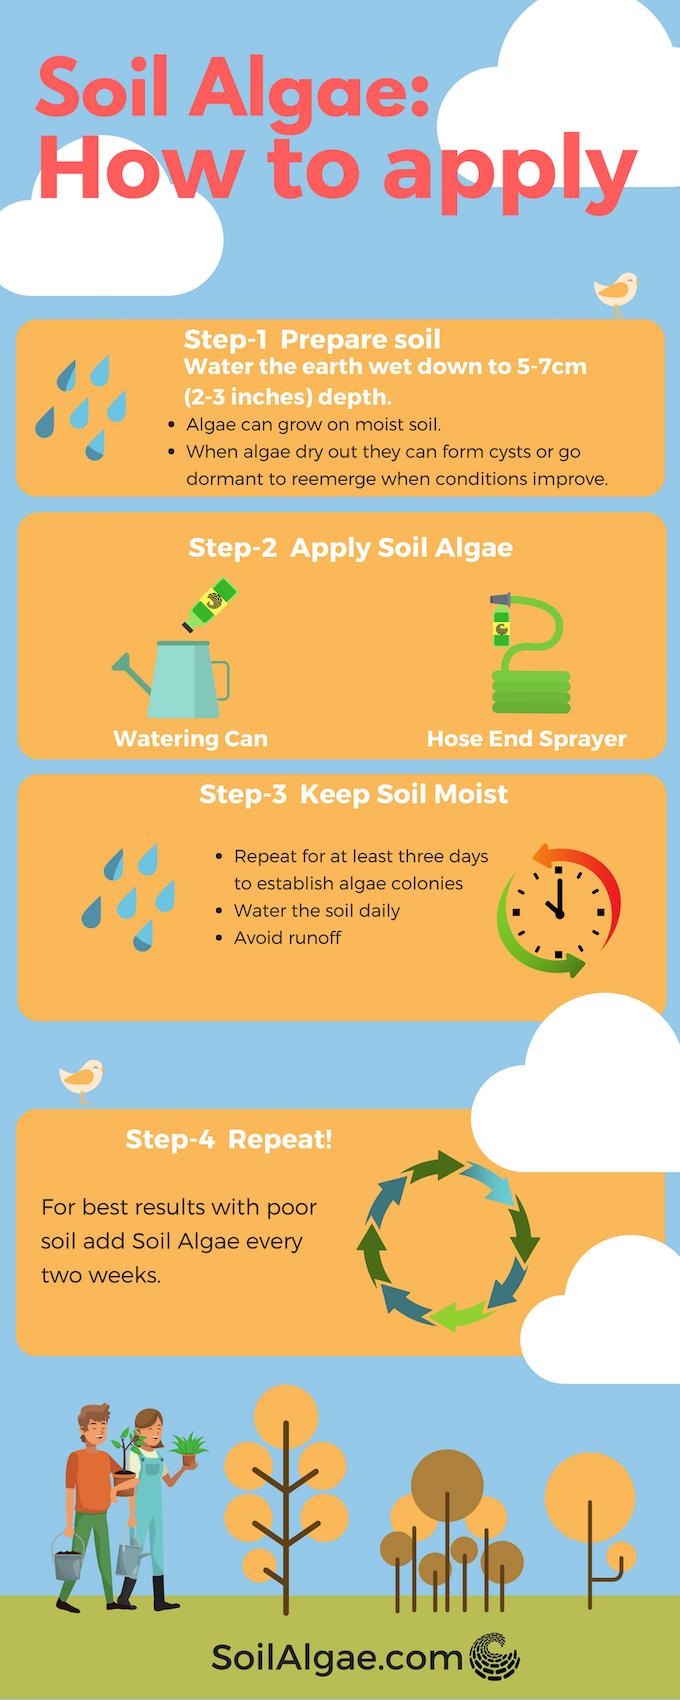 How to apply Soil Algae